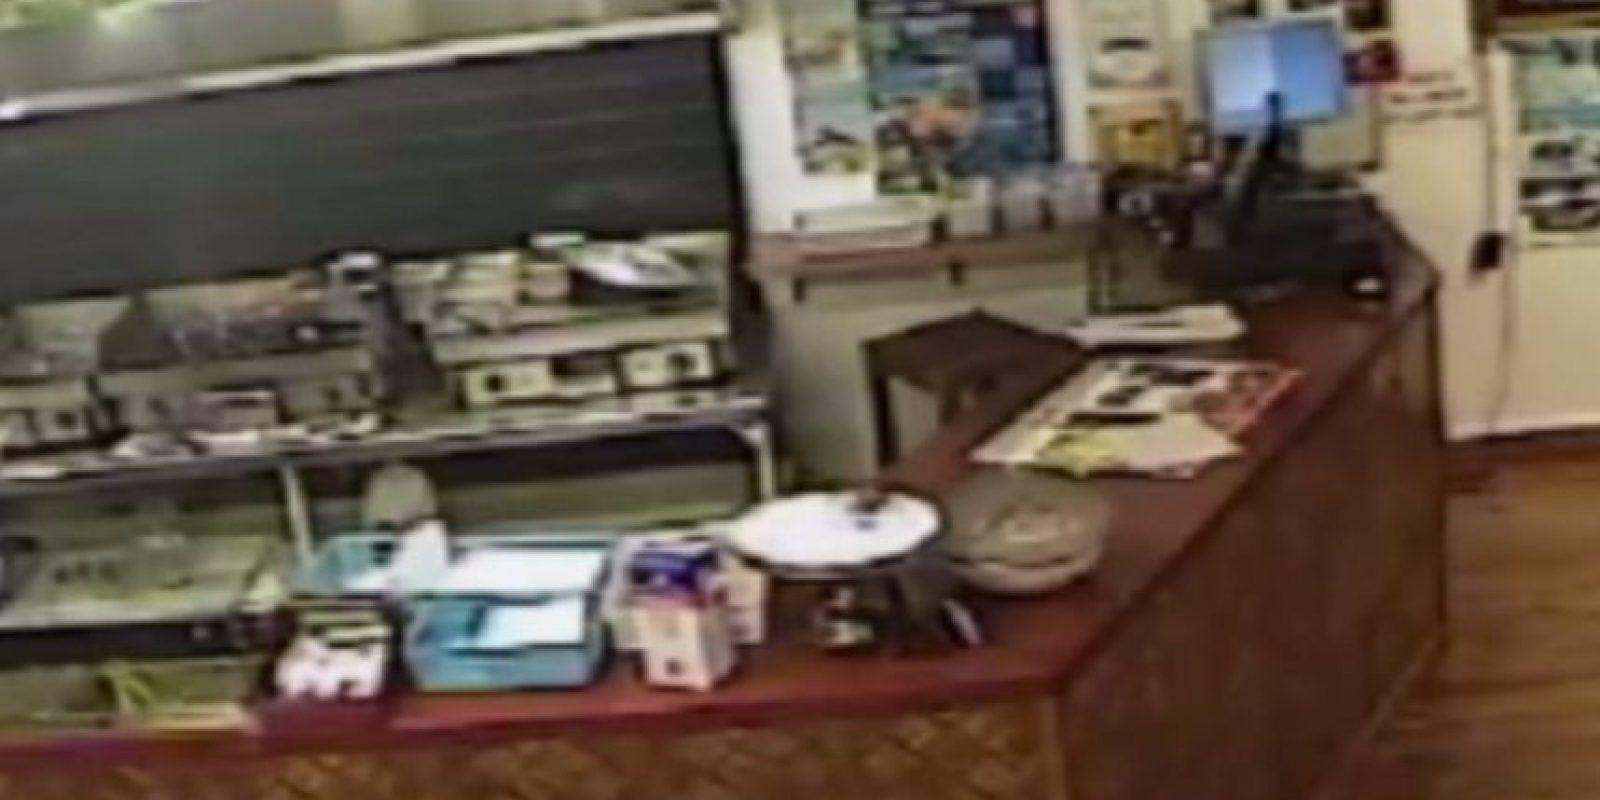 Luego se dio la vuelta y dejó al ladrón solo Foto:Canterbury Police/ Facebook. Imagen Por: